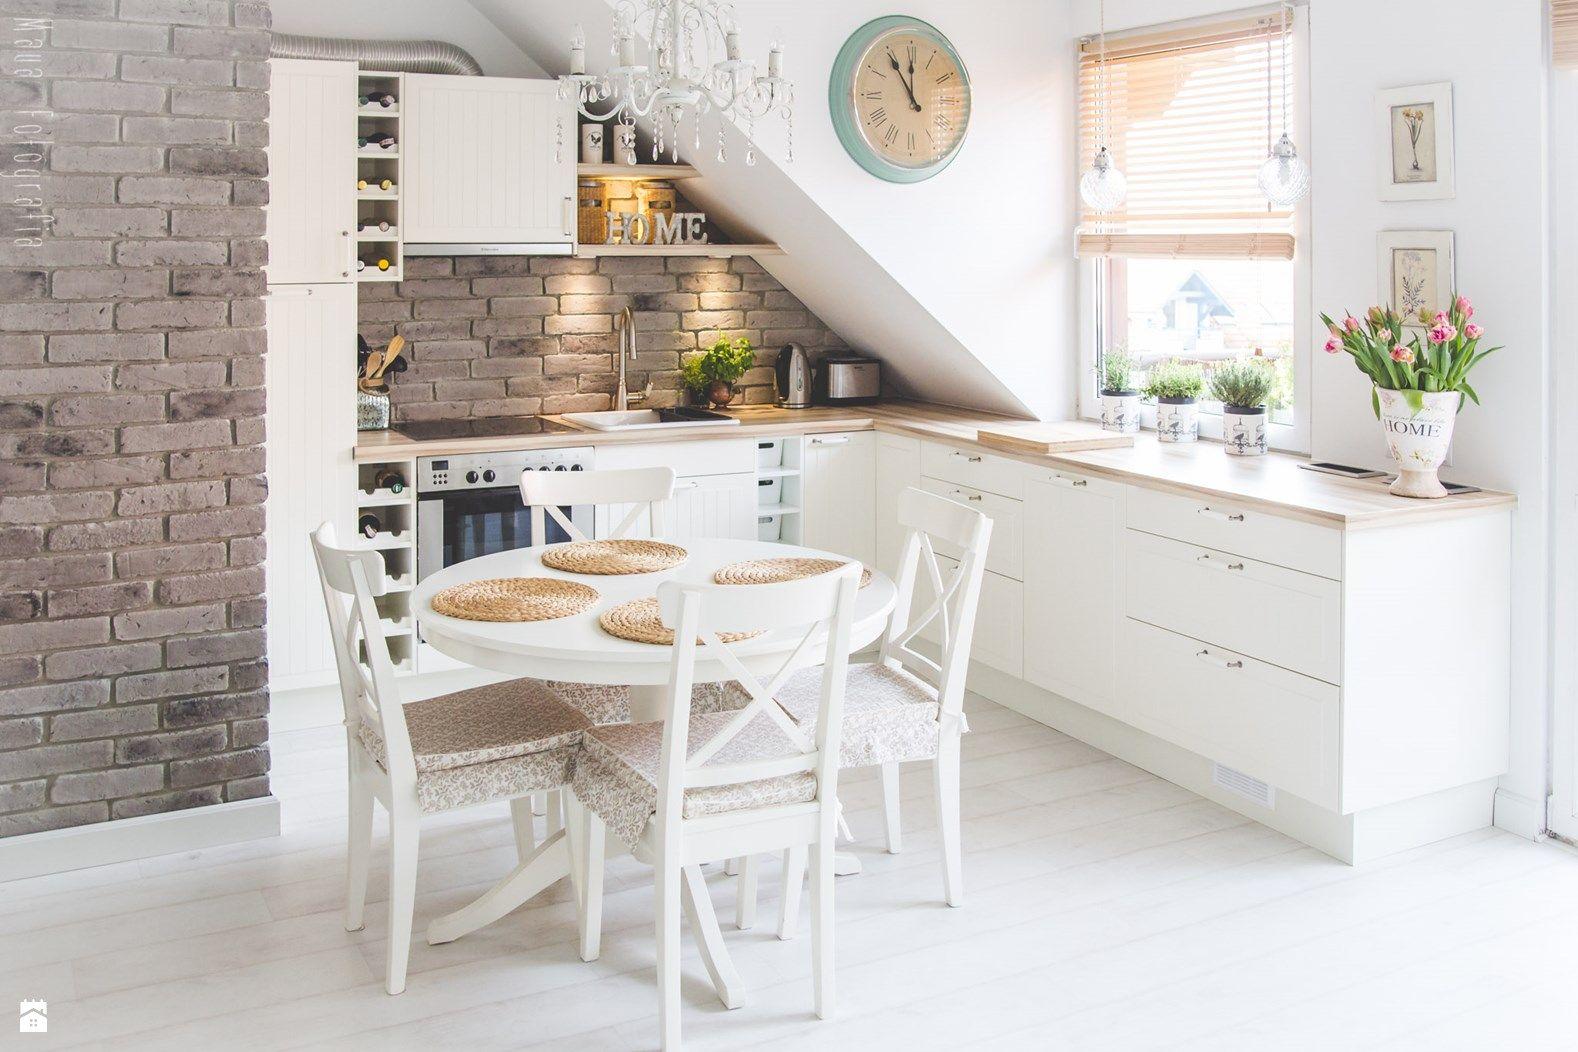 Zdjecie Kuchnia Loft Kitchen Home Kitchens Kitchen Design